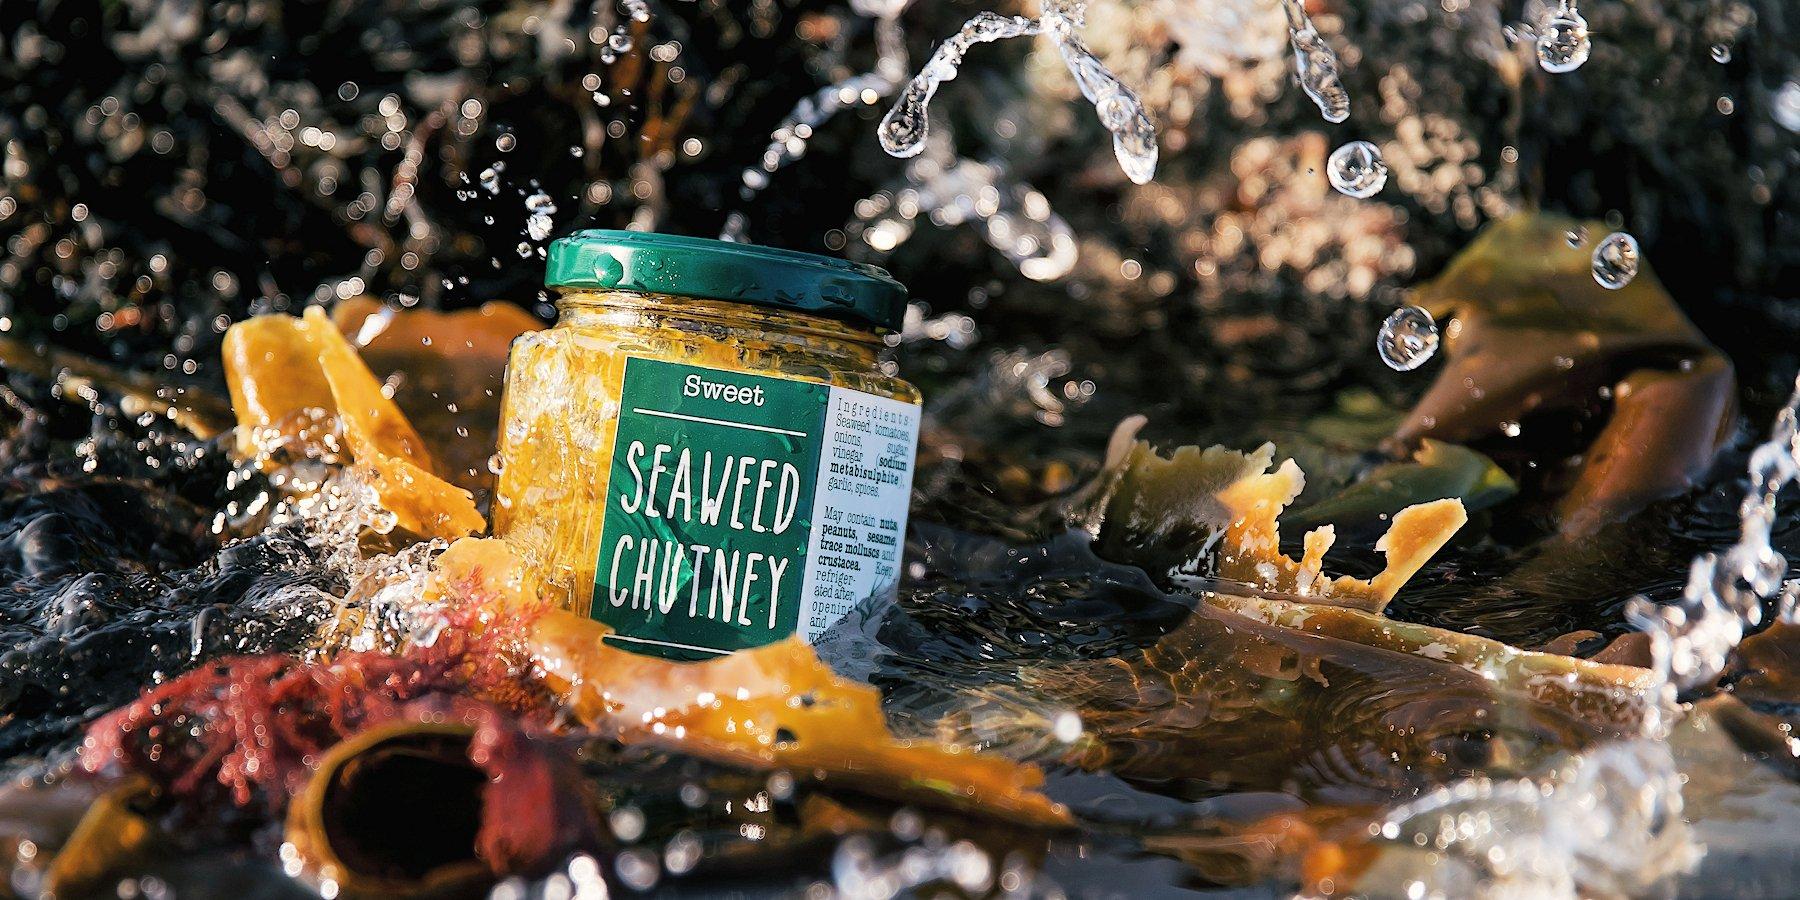 Isle of Mull Seaweed Chutney